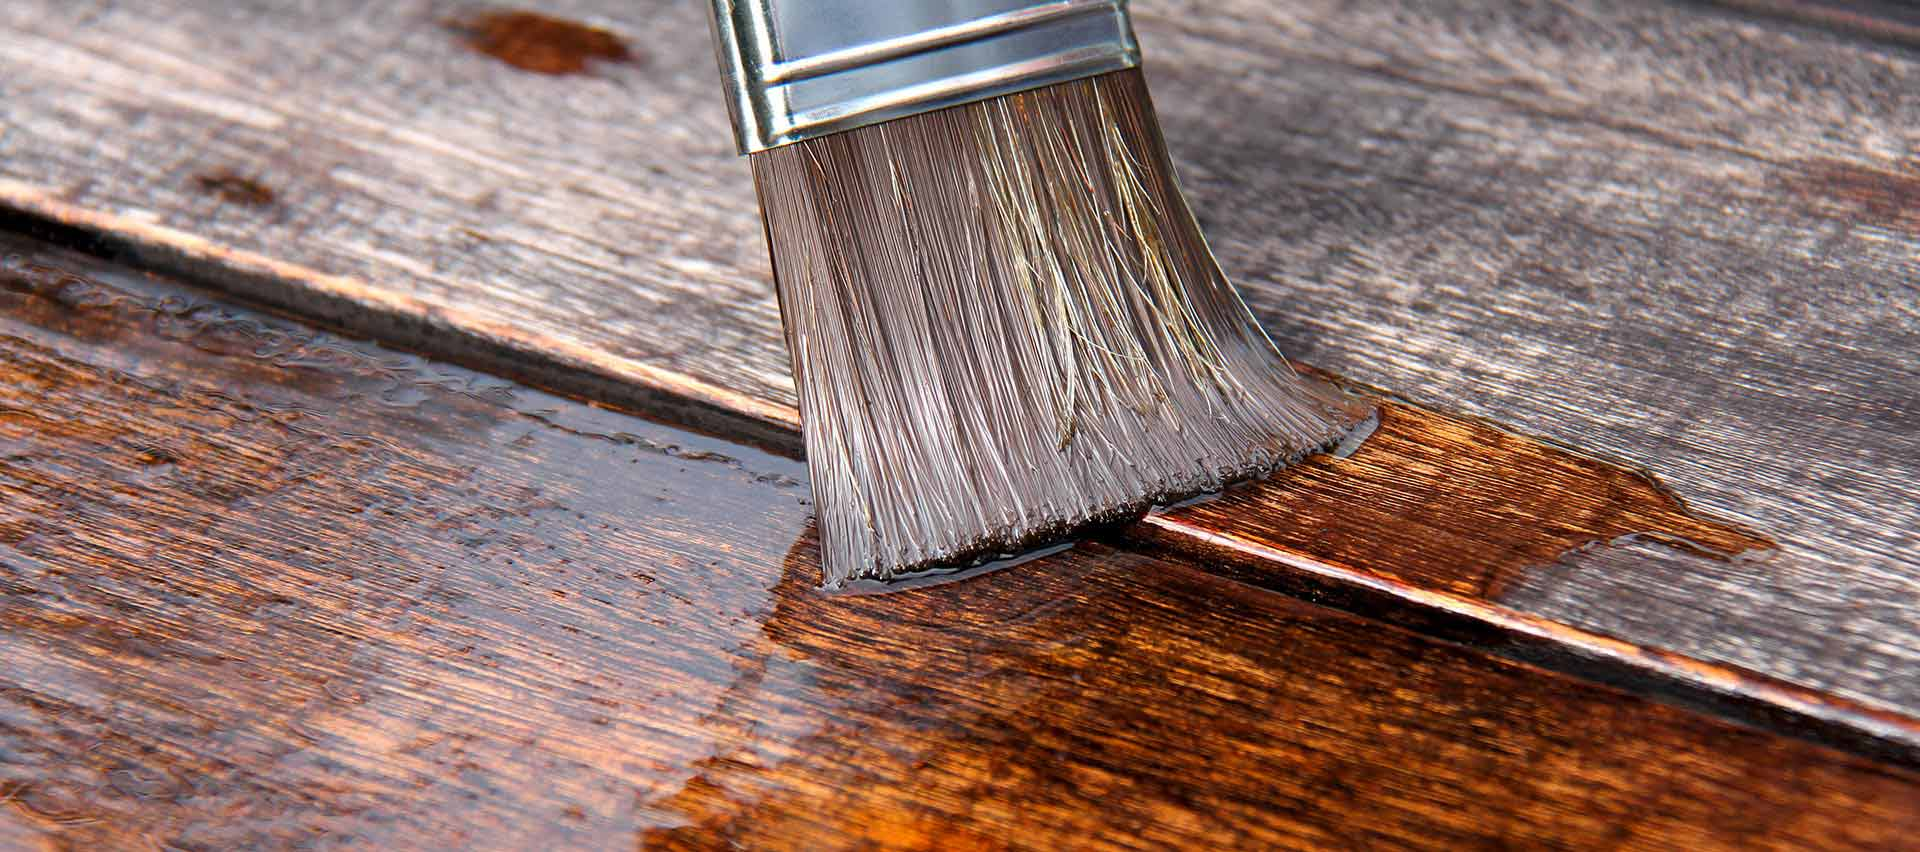 Holzschutz Lasur von Holz-Hauff in Leingarten